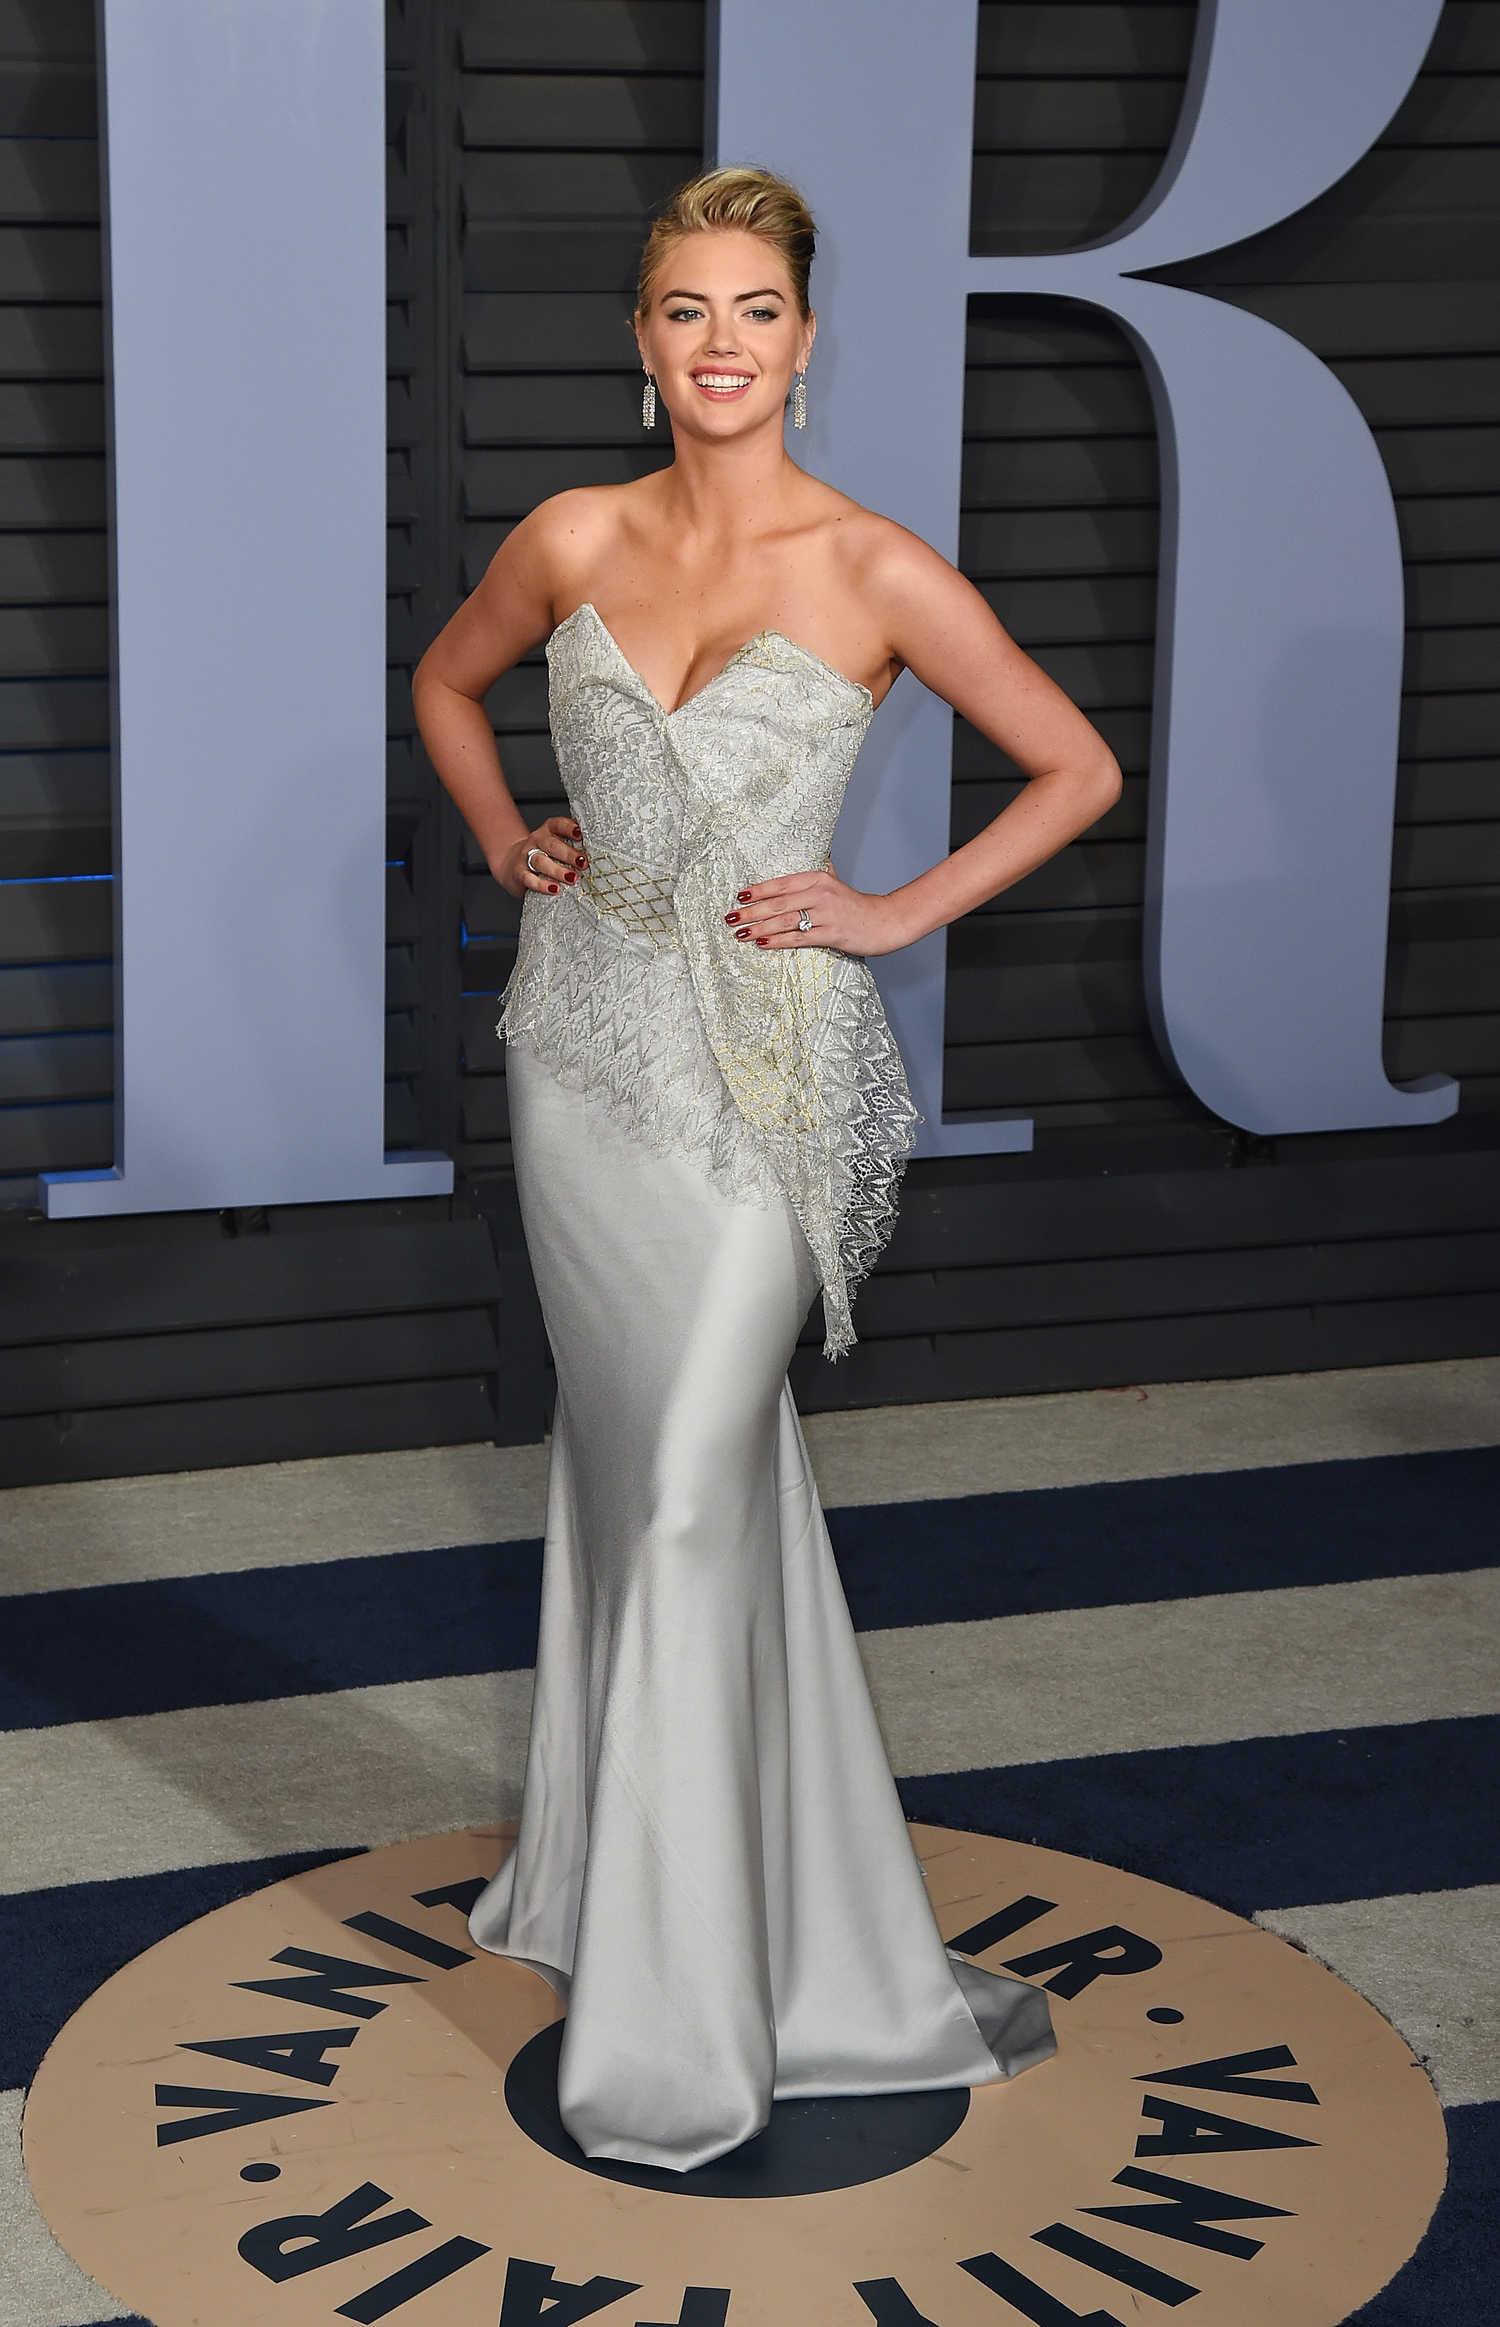 Kate Upton deep cleavage in long dress at 2018 Vanity Fair